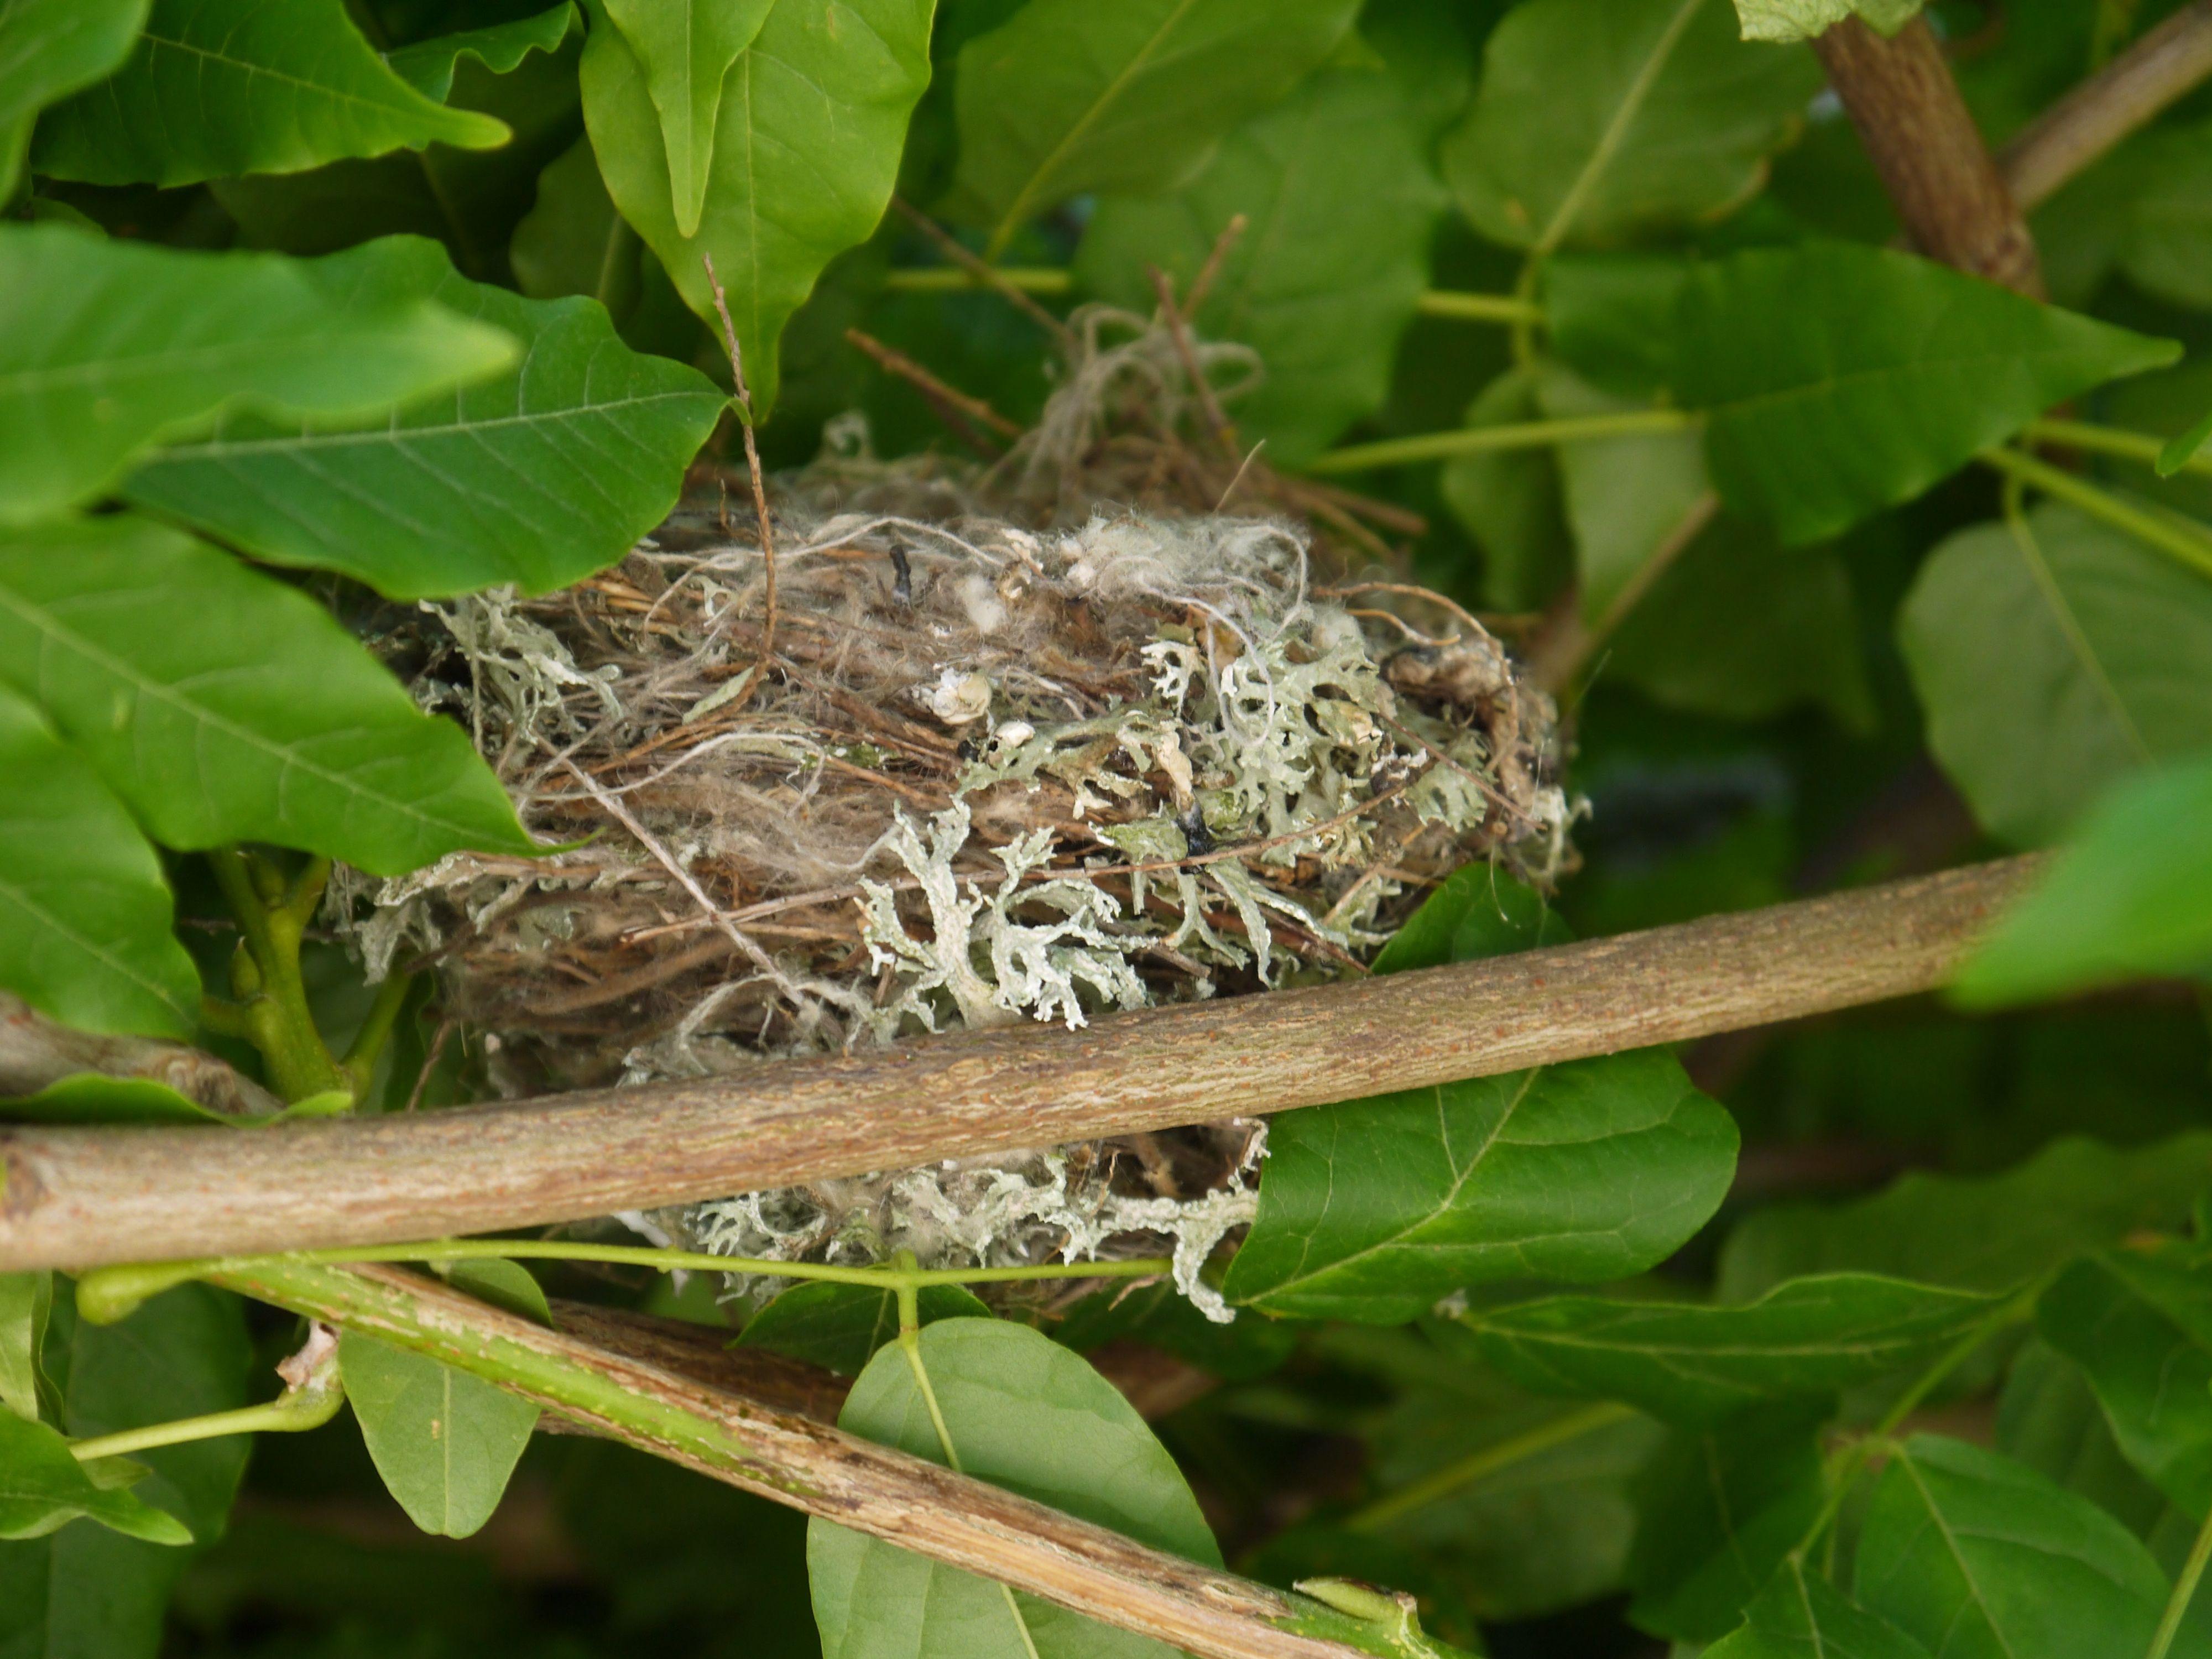 Leeg nestje in de blauwe regen